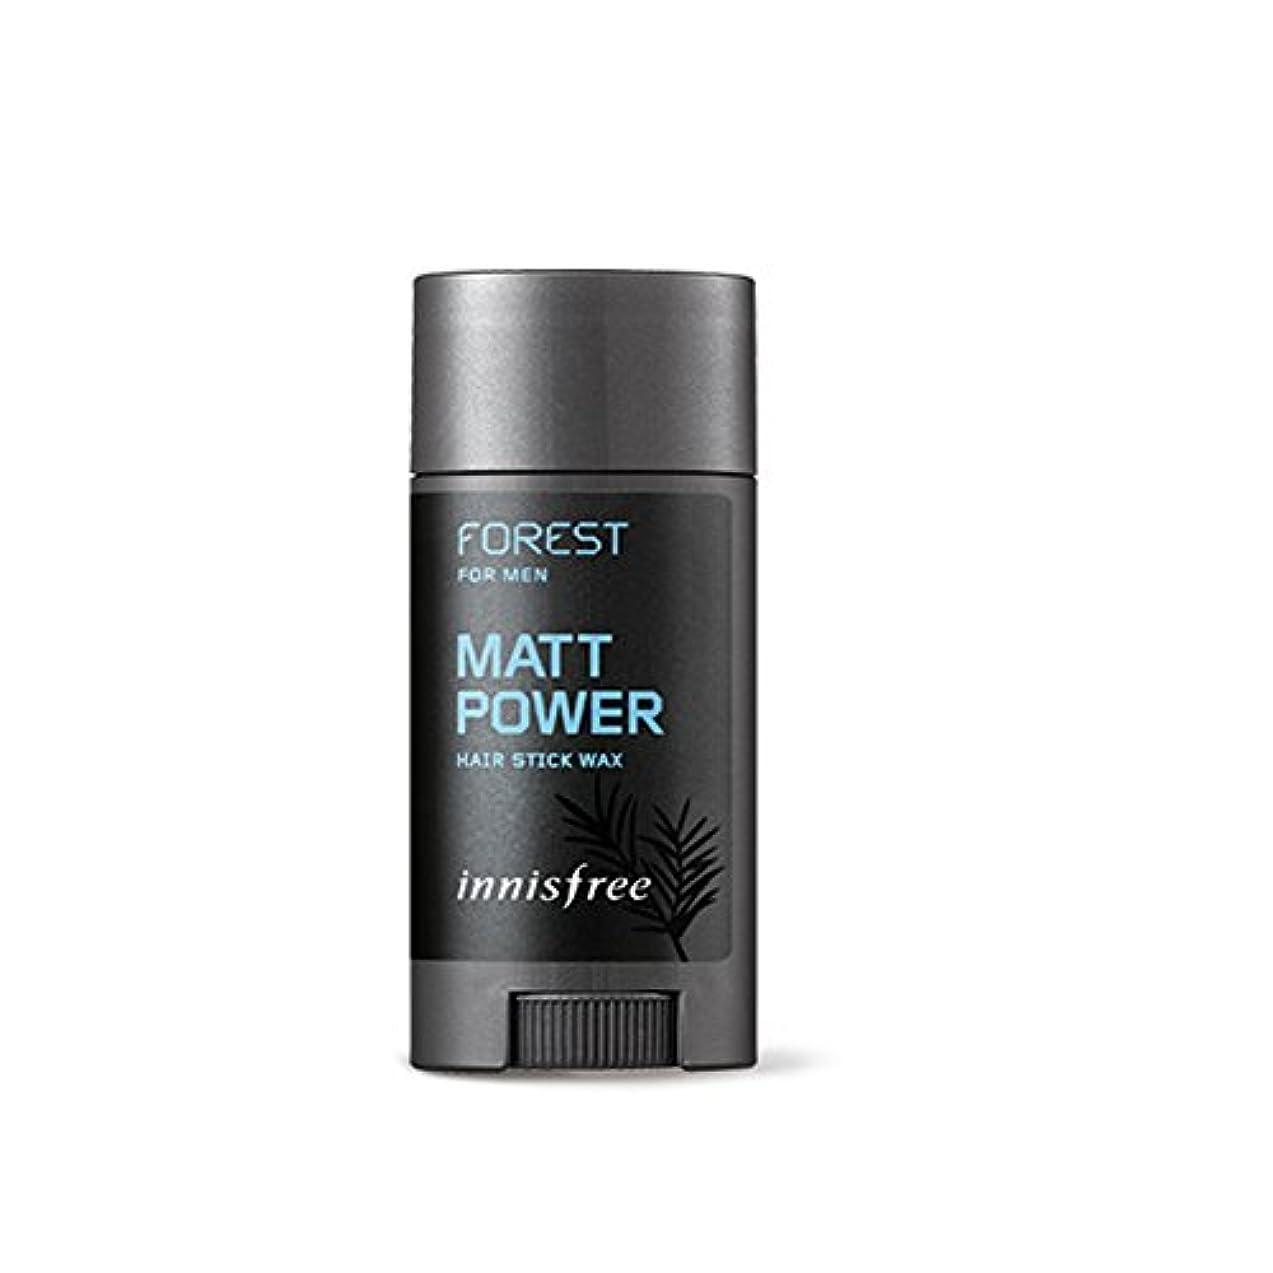 パプアニューギニア執着パズルイニスフリーフォレストメンズヘアスティックワックス、マットパワー15g / Innisfree Forest for Men Hair Stick Wax, Matt Power 15g [並行輸入品][海外直送品]